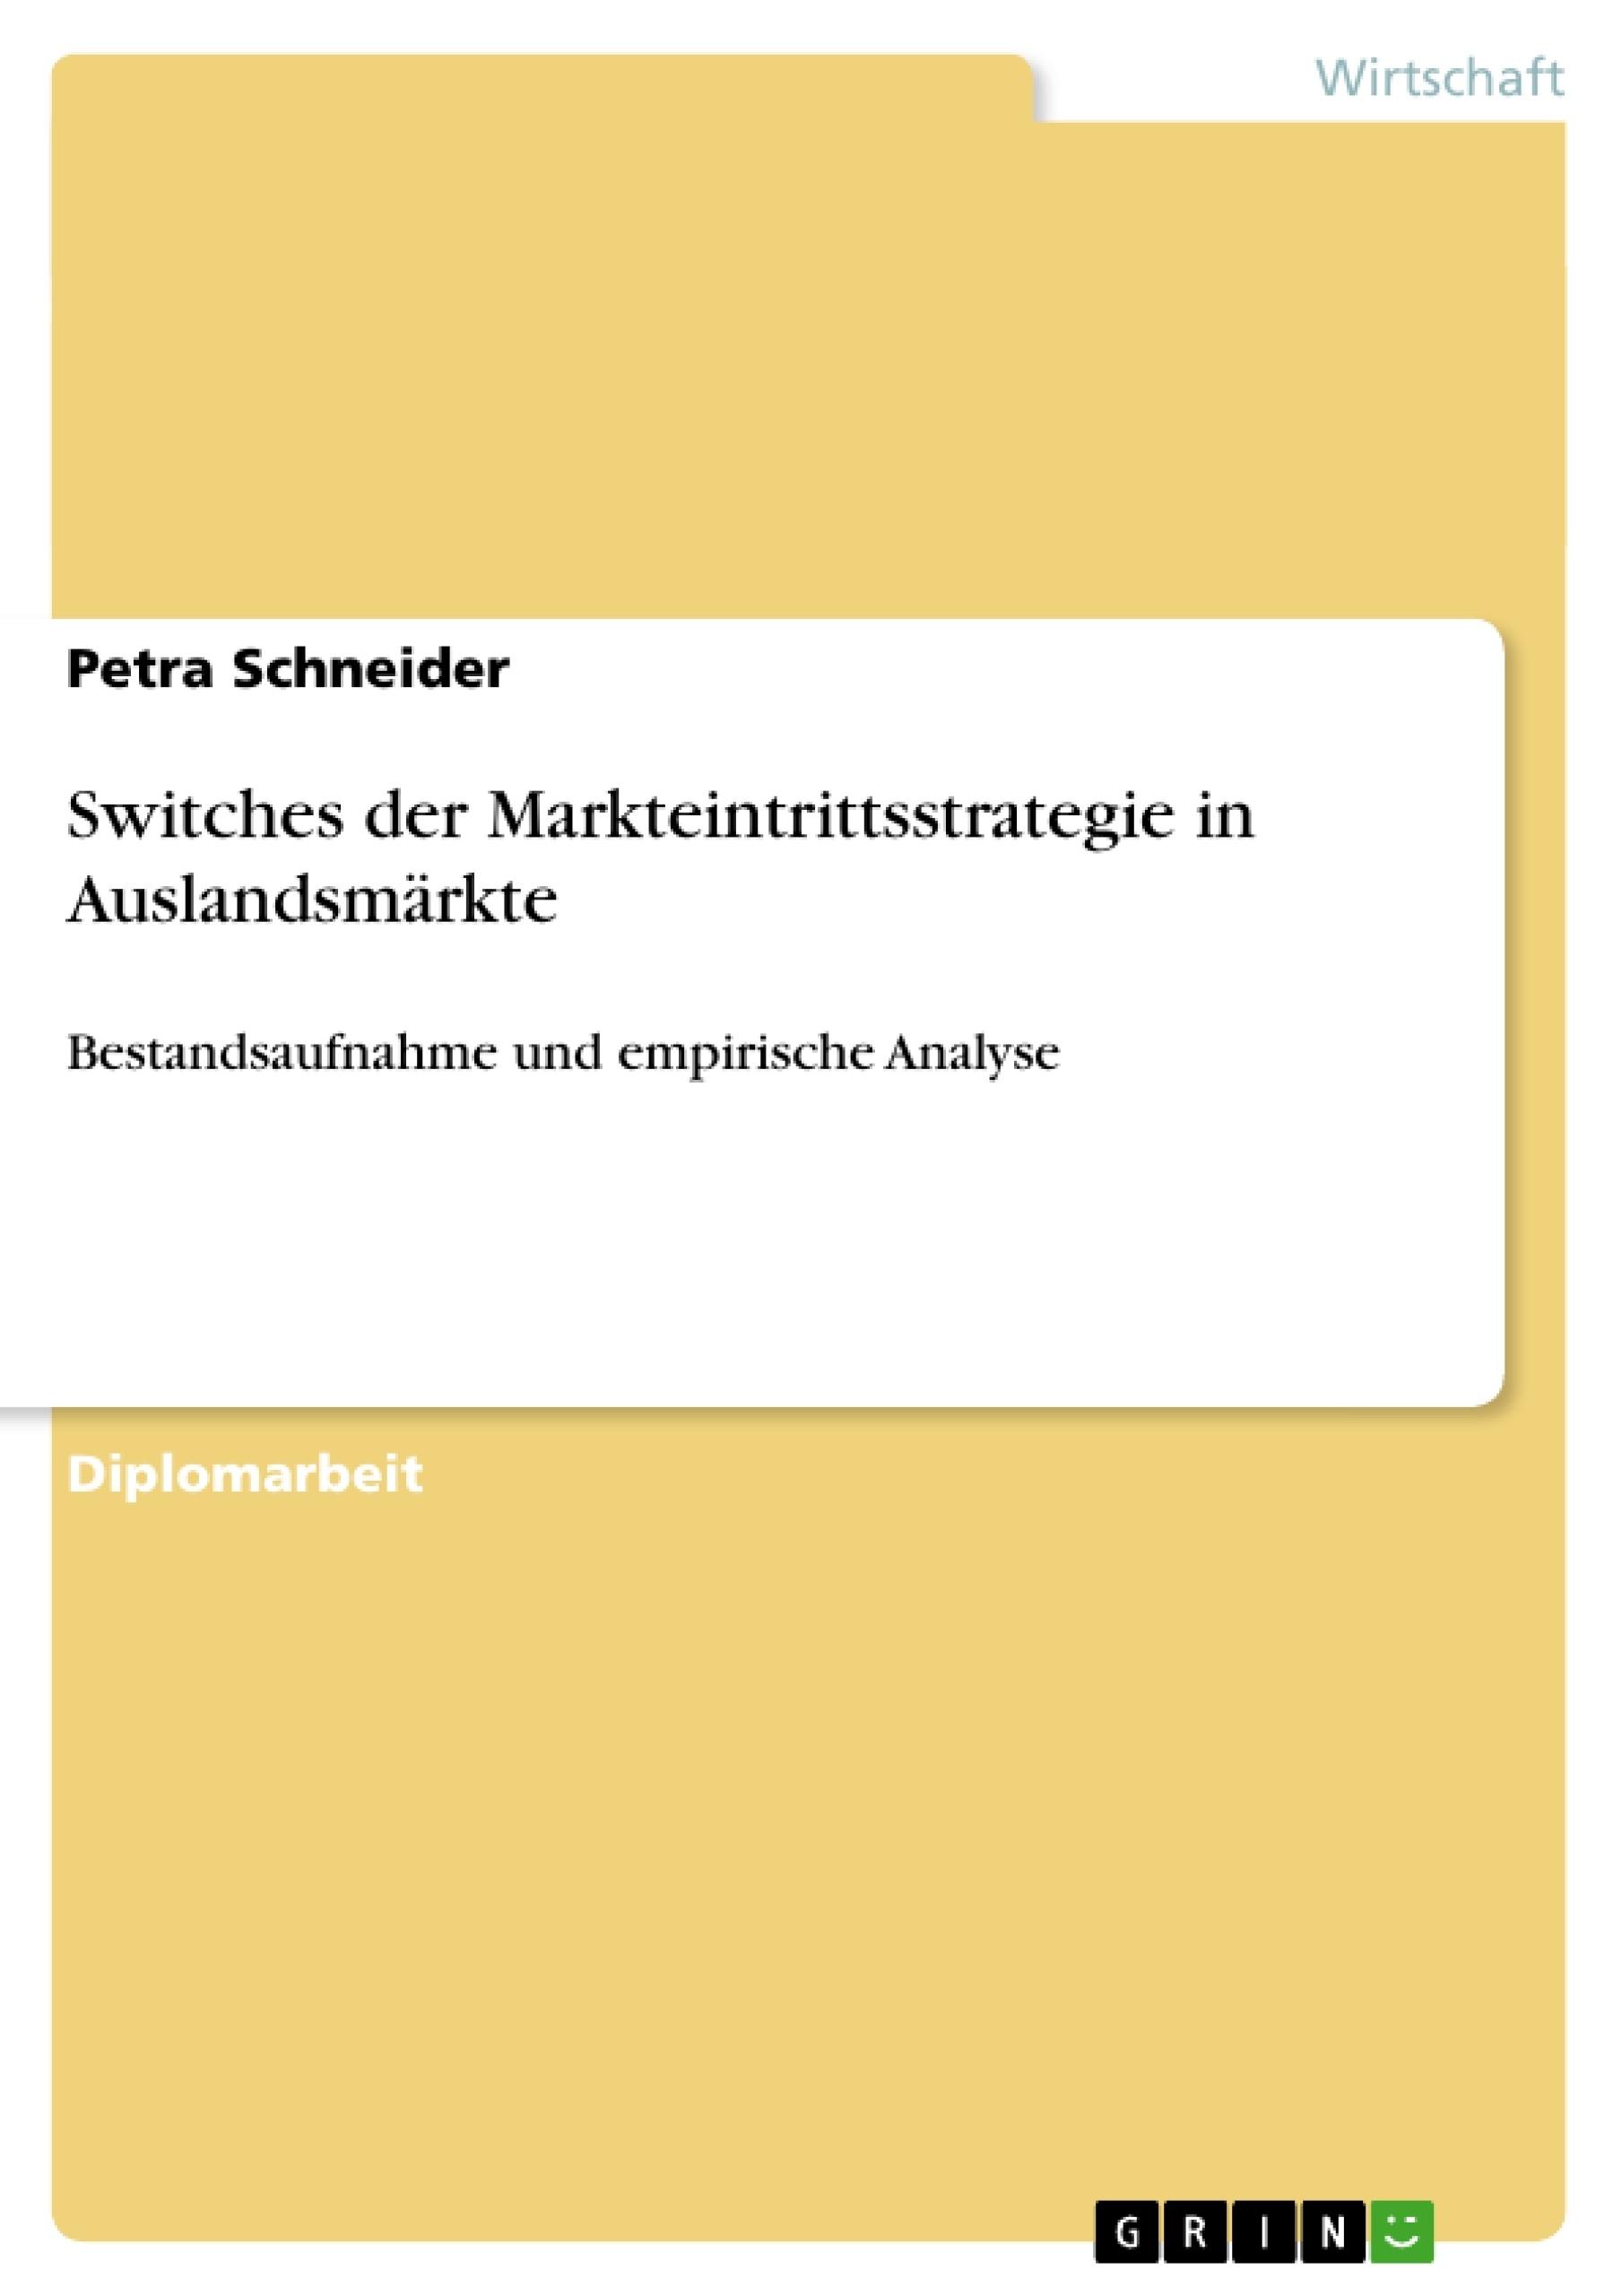 Titel: Switches der Markteintrittsstrategie in Auslandsmärkte